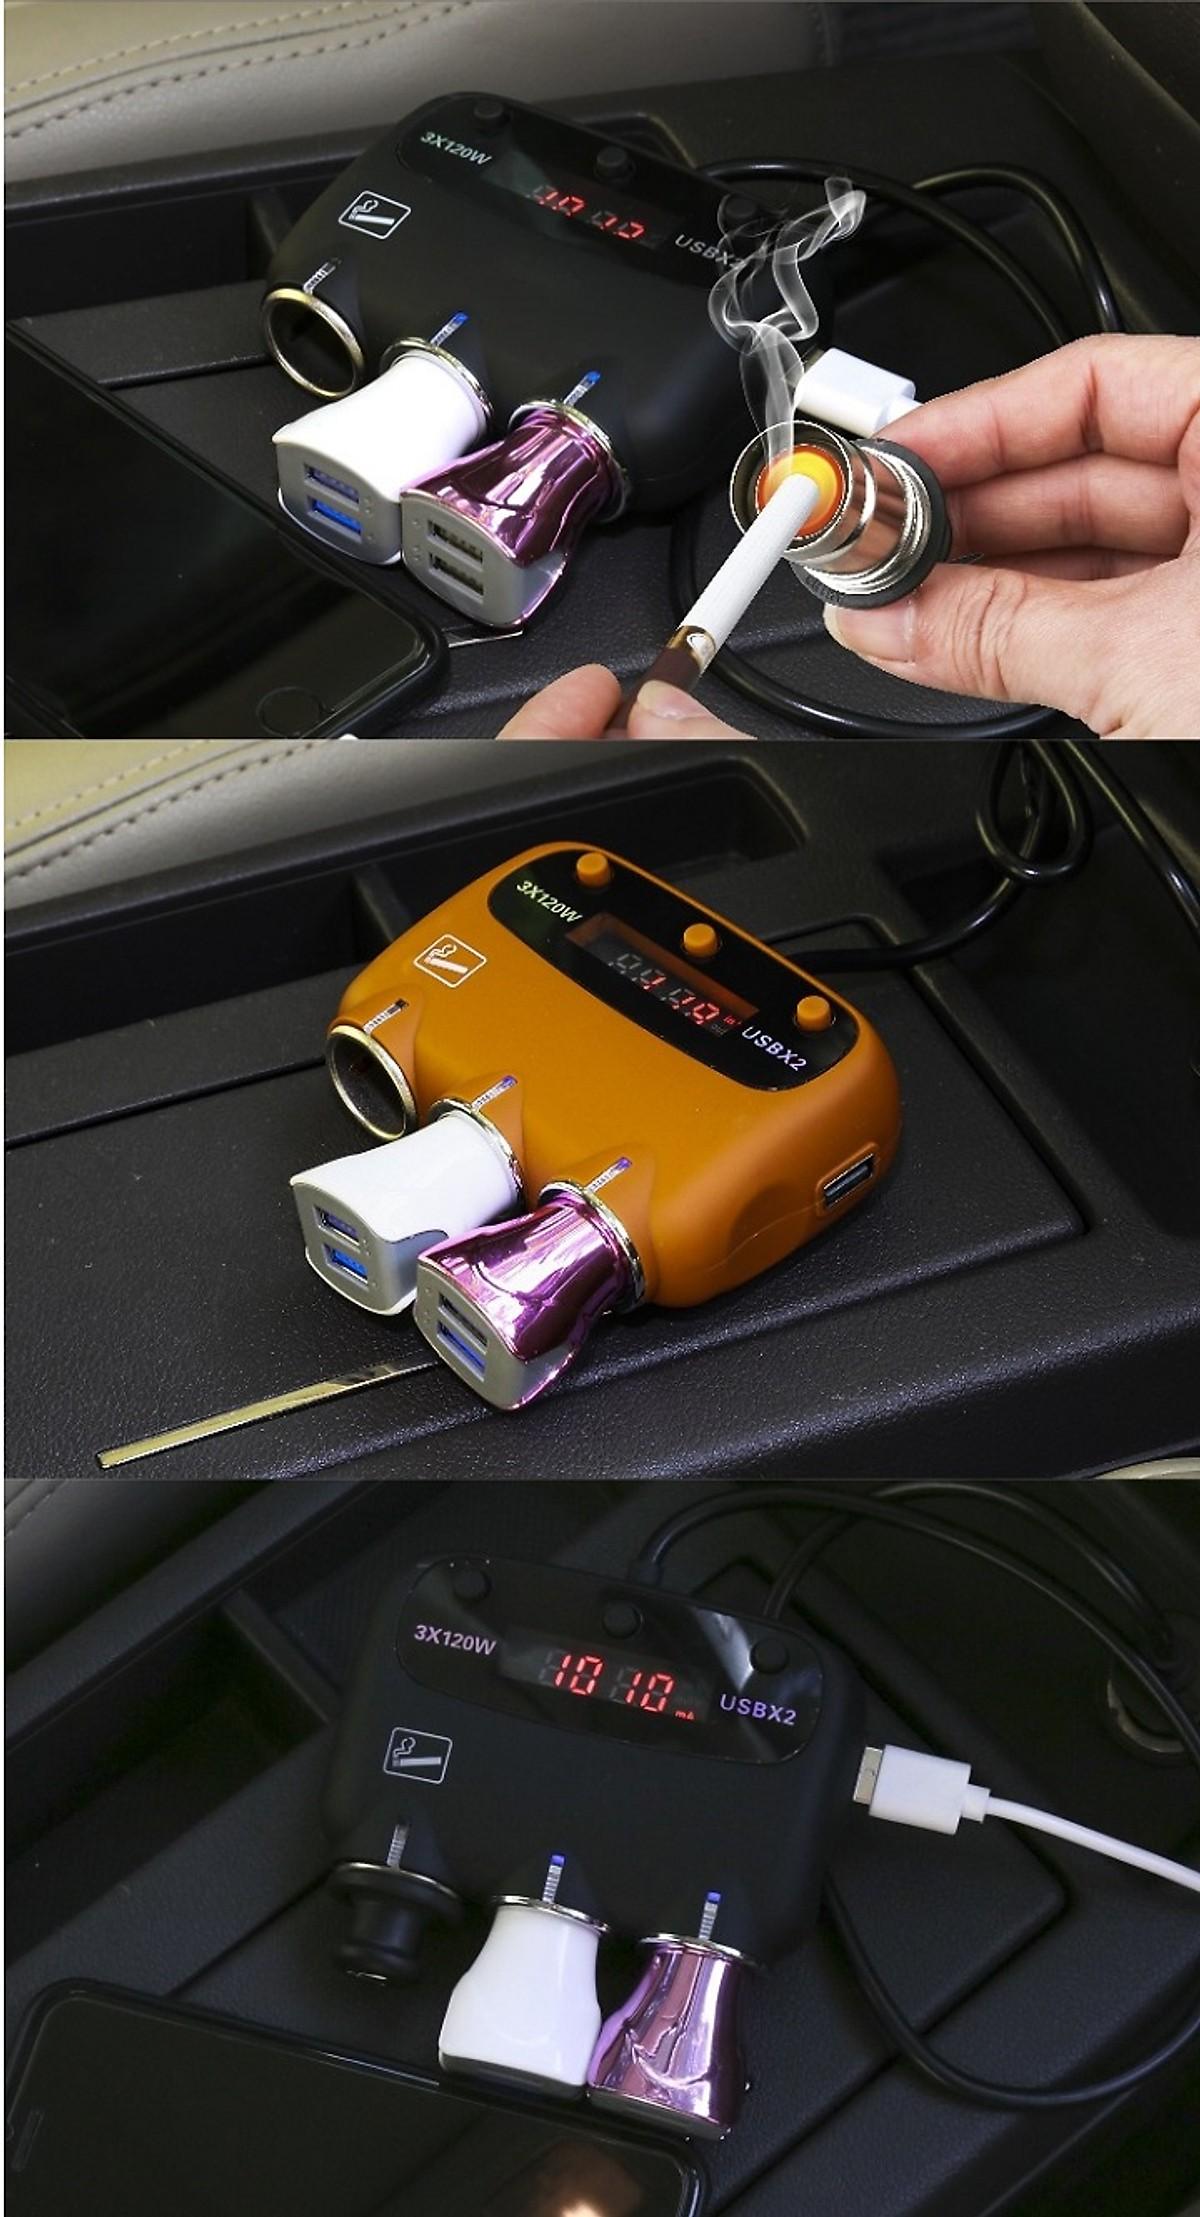 Thiết bị chia 2 cổng tẩu sạc, 1 cổng tẩu châm thuốc trên ô tô ( có đo điện áp ) - Tặng kèm 02 gương cầu lồi gắn trên ô tô